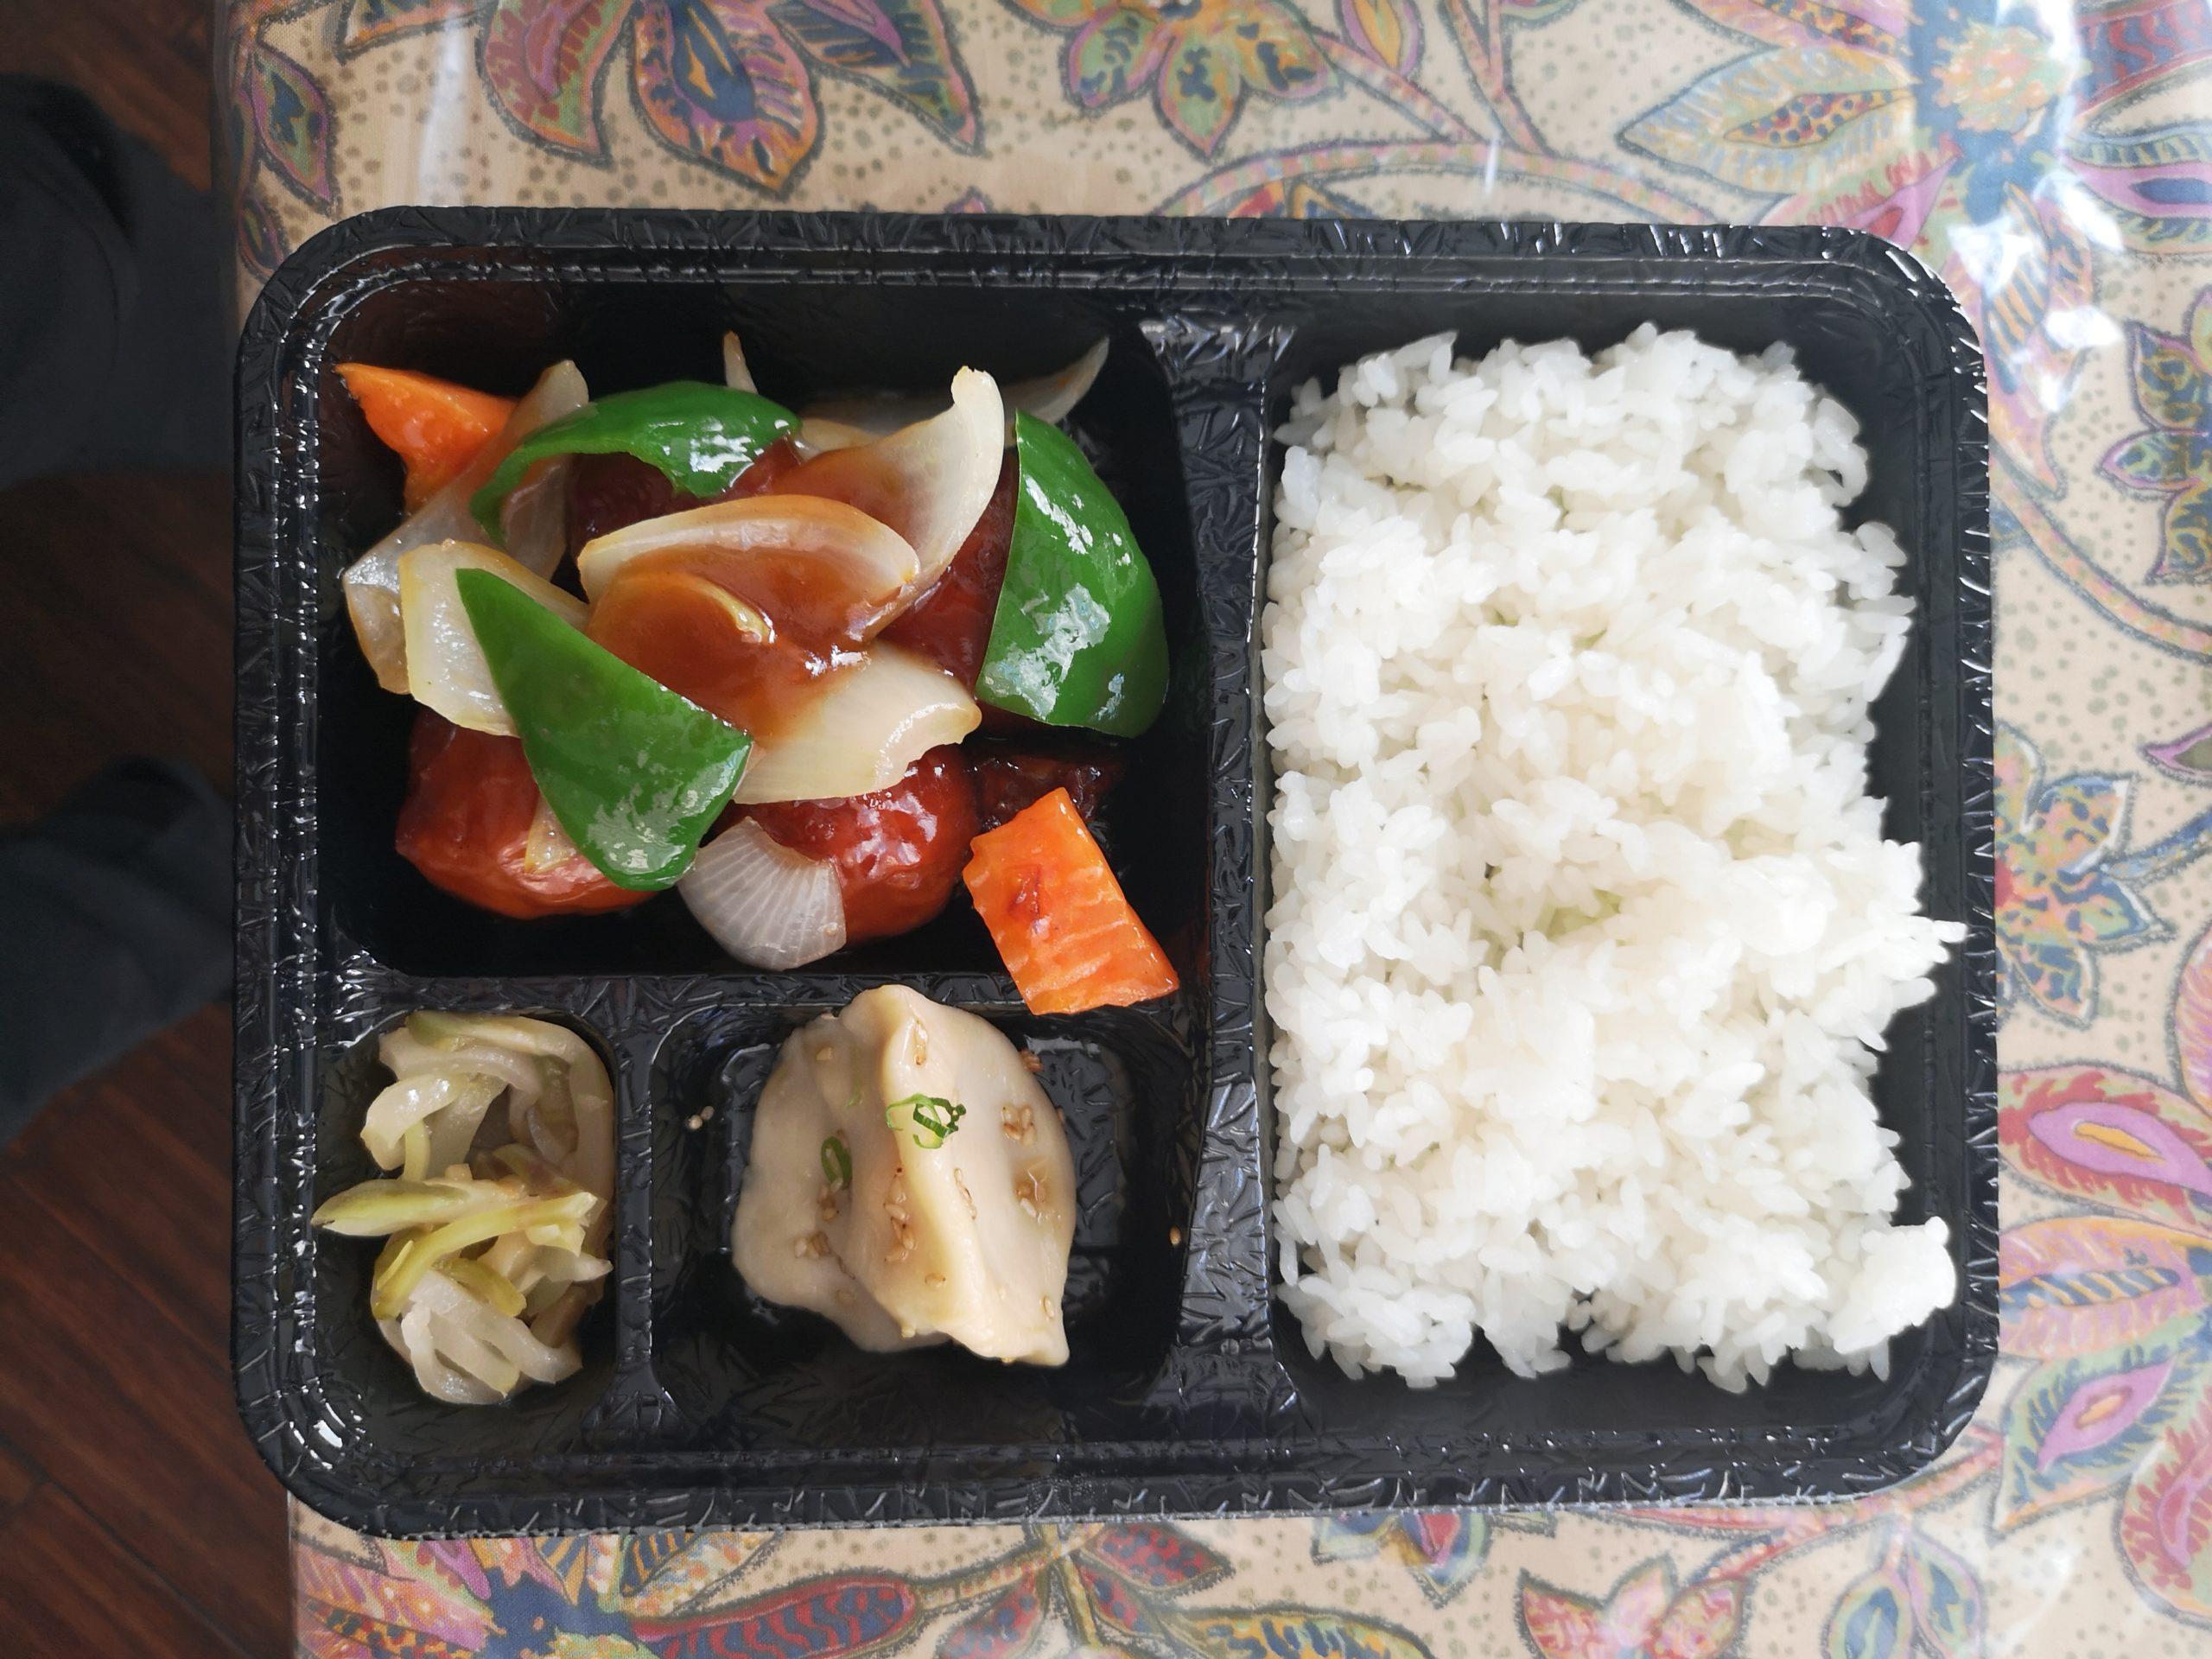 中華厨房 木蘭(ムーラン)